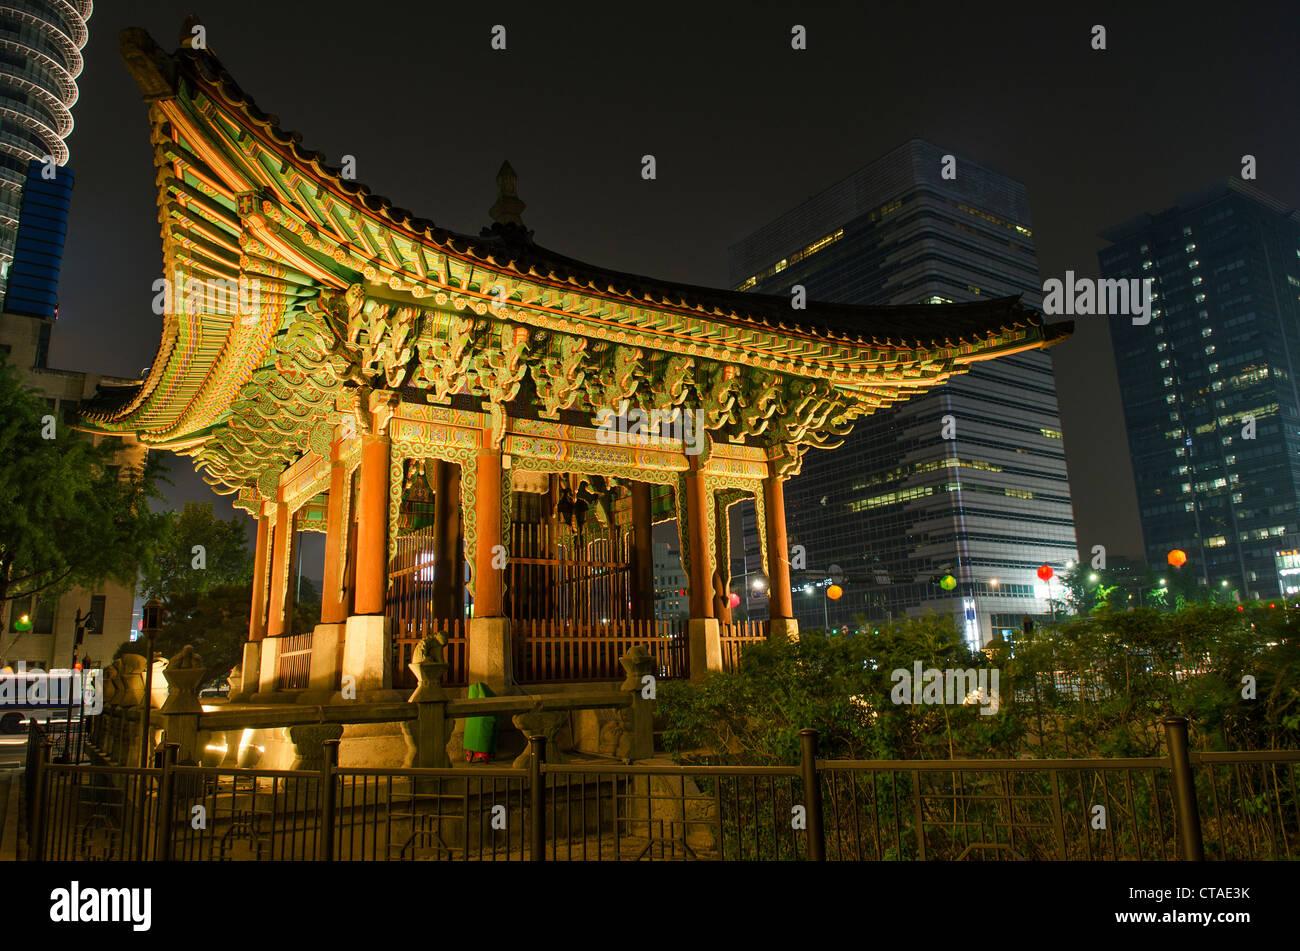 Tempel in zentralen Seoul Südkorea in der Nacht Stockbild